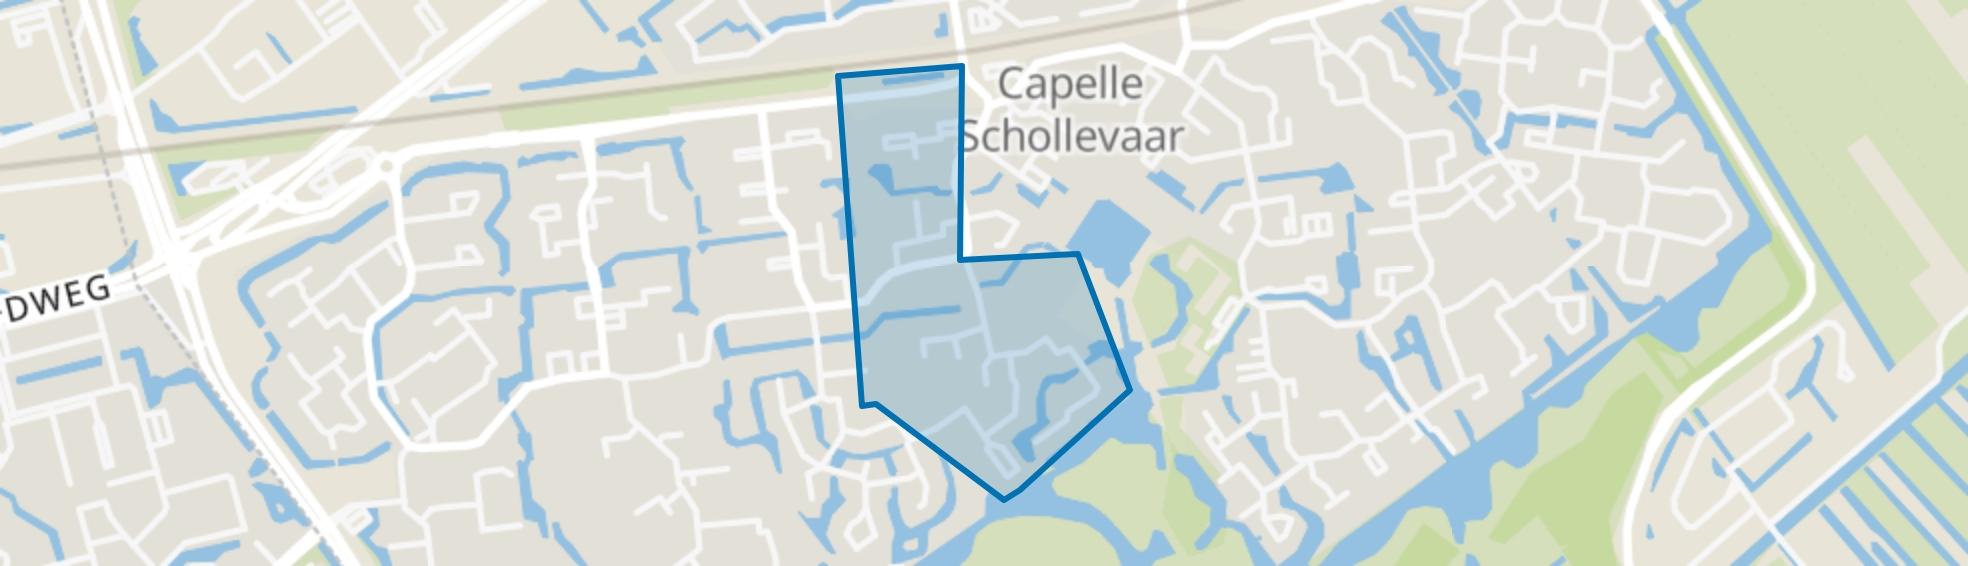 Instrumentenbuurt, Capelle aan den IJssel map